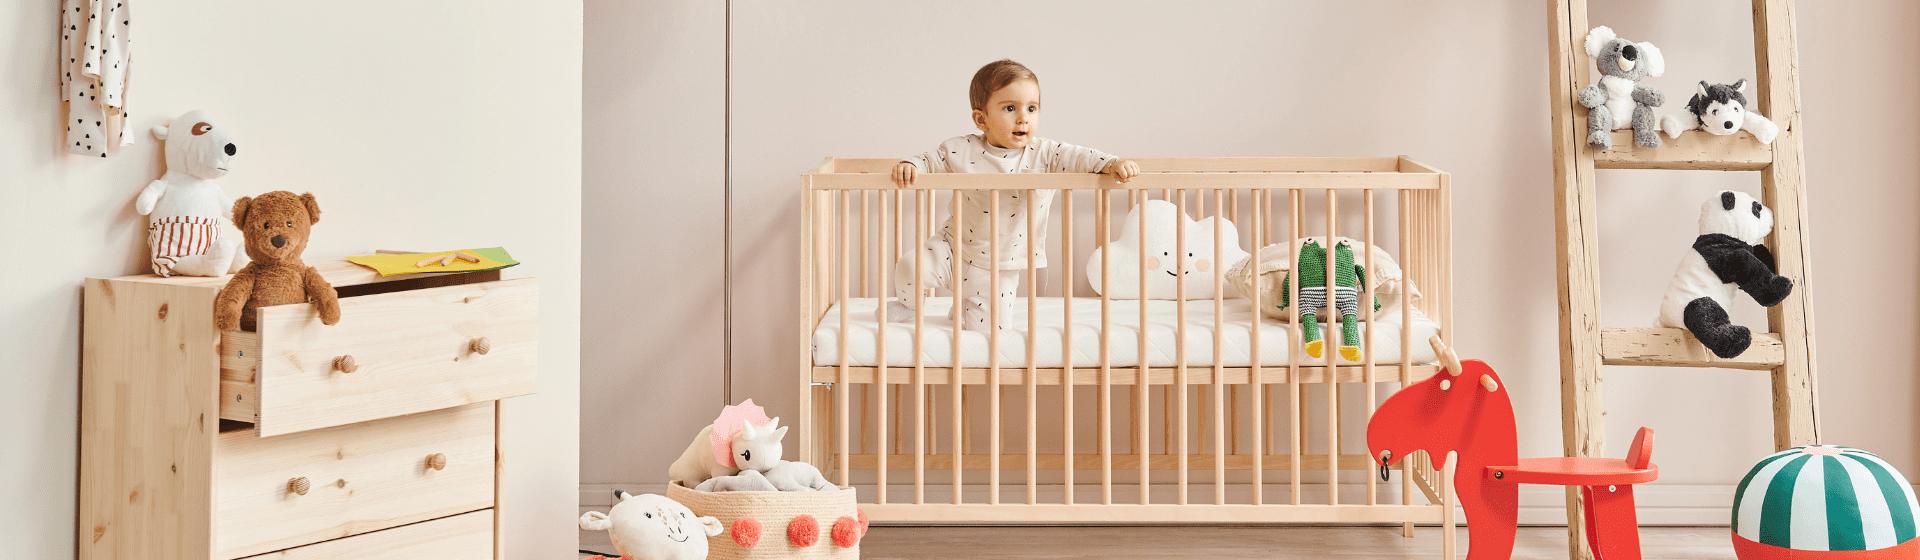 Melhores berços de bebê de 2020: 7 modelos para comprar